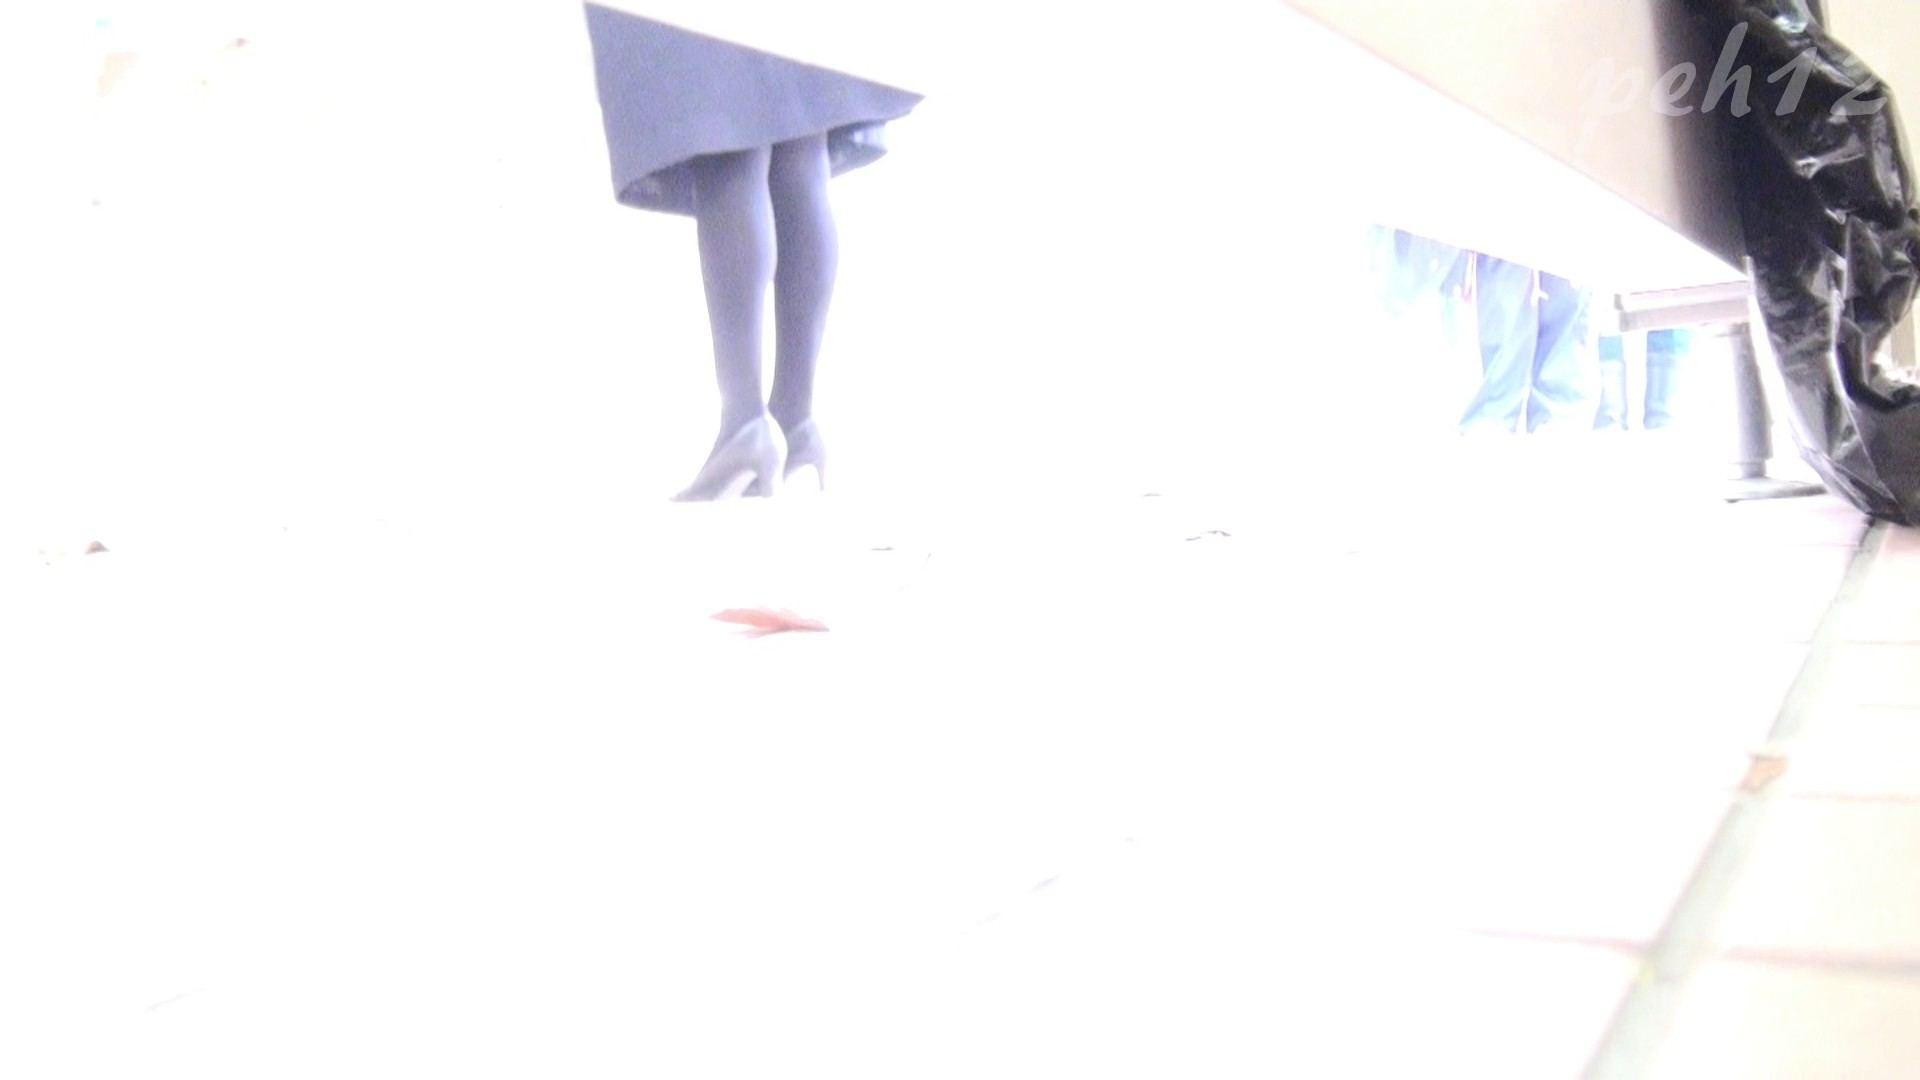 ※100個限定販売 至高下半身盗撮 プレミアム Vol.12 ハイビジョン 女体盗撮 | 下半身  99連発 97